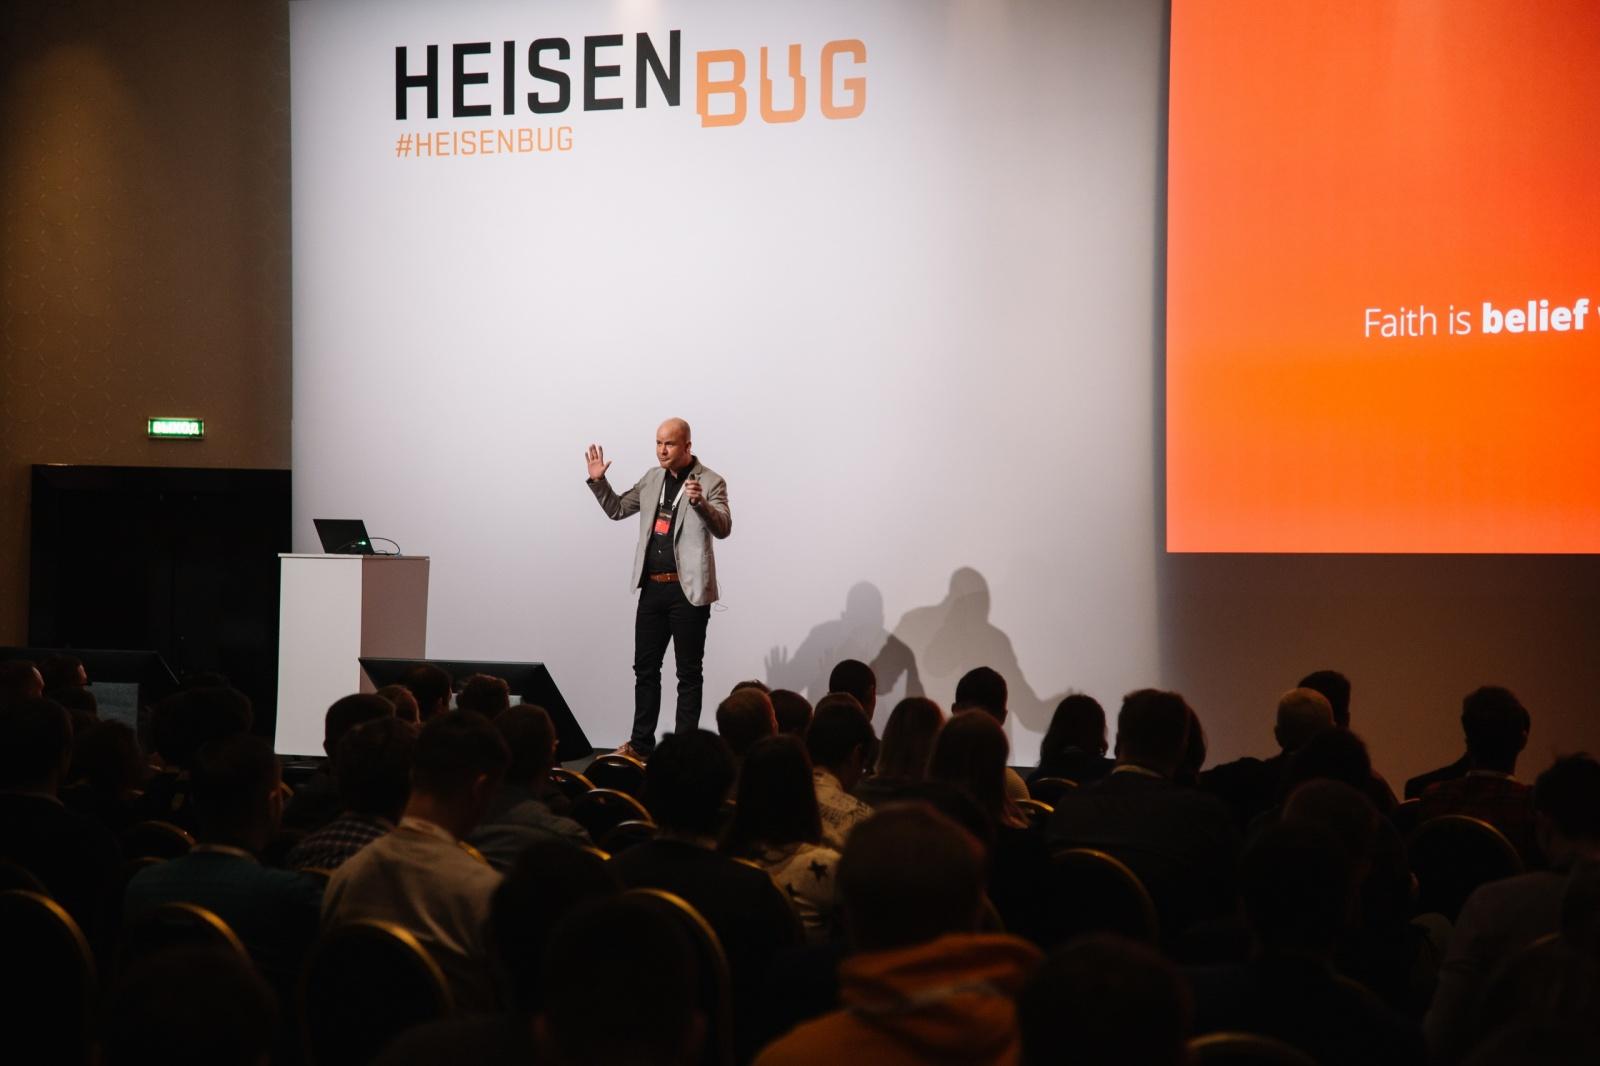 AI против тестировщиков, Брандашмыг, уточки: как прошёл Heisenbug 2019 Moscow - 2